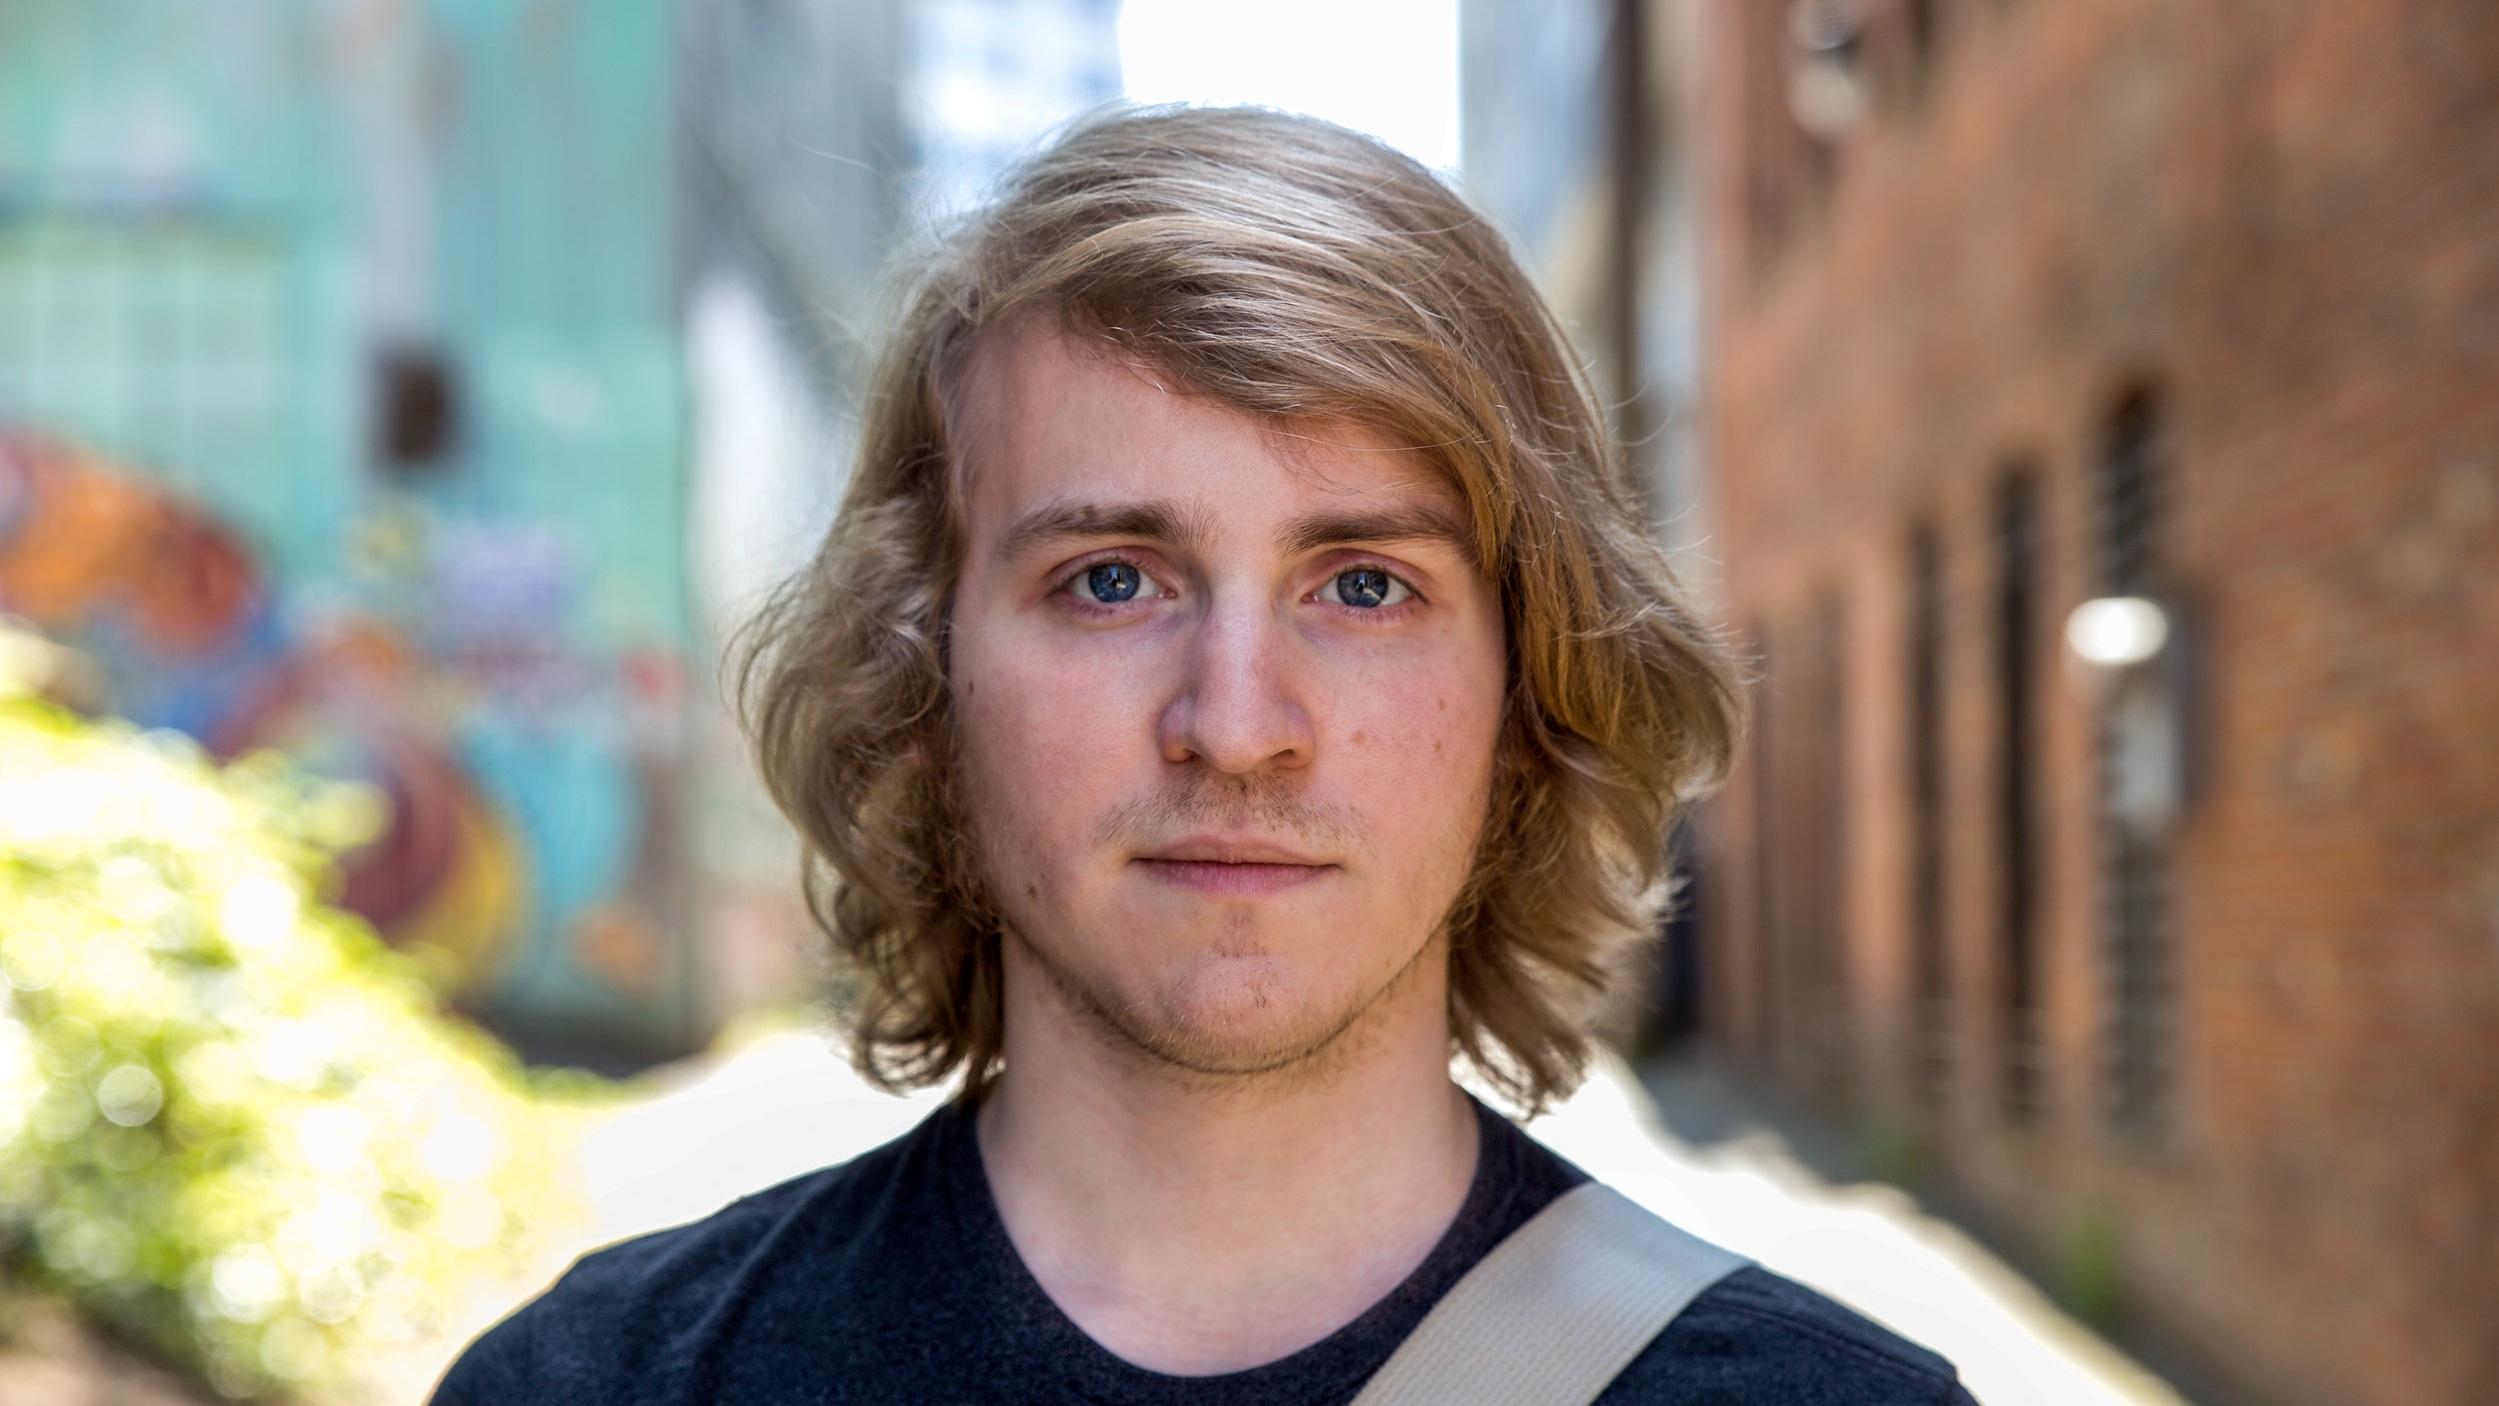 Portrait Photographer - Downtown Scout Photography